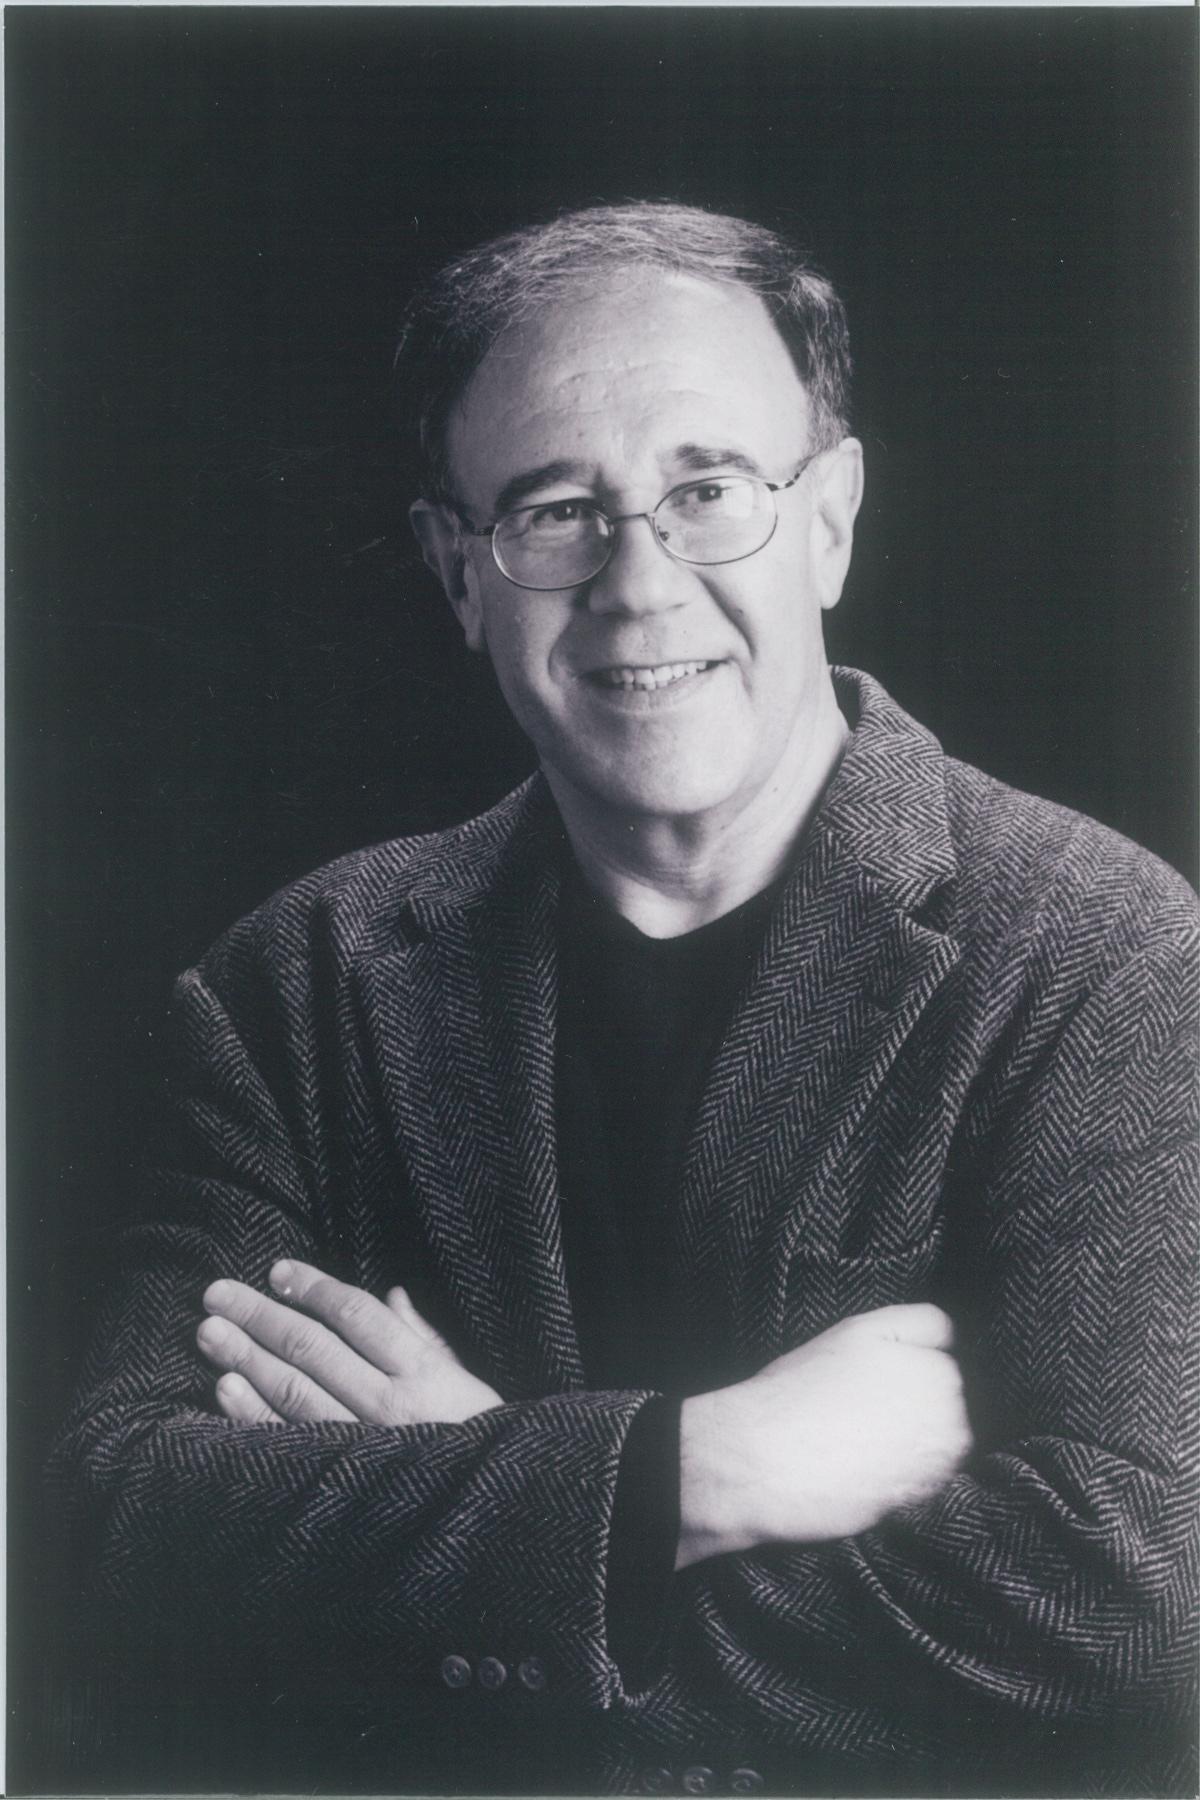 Author Photo, Website